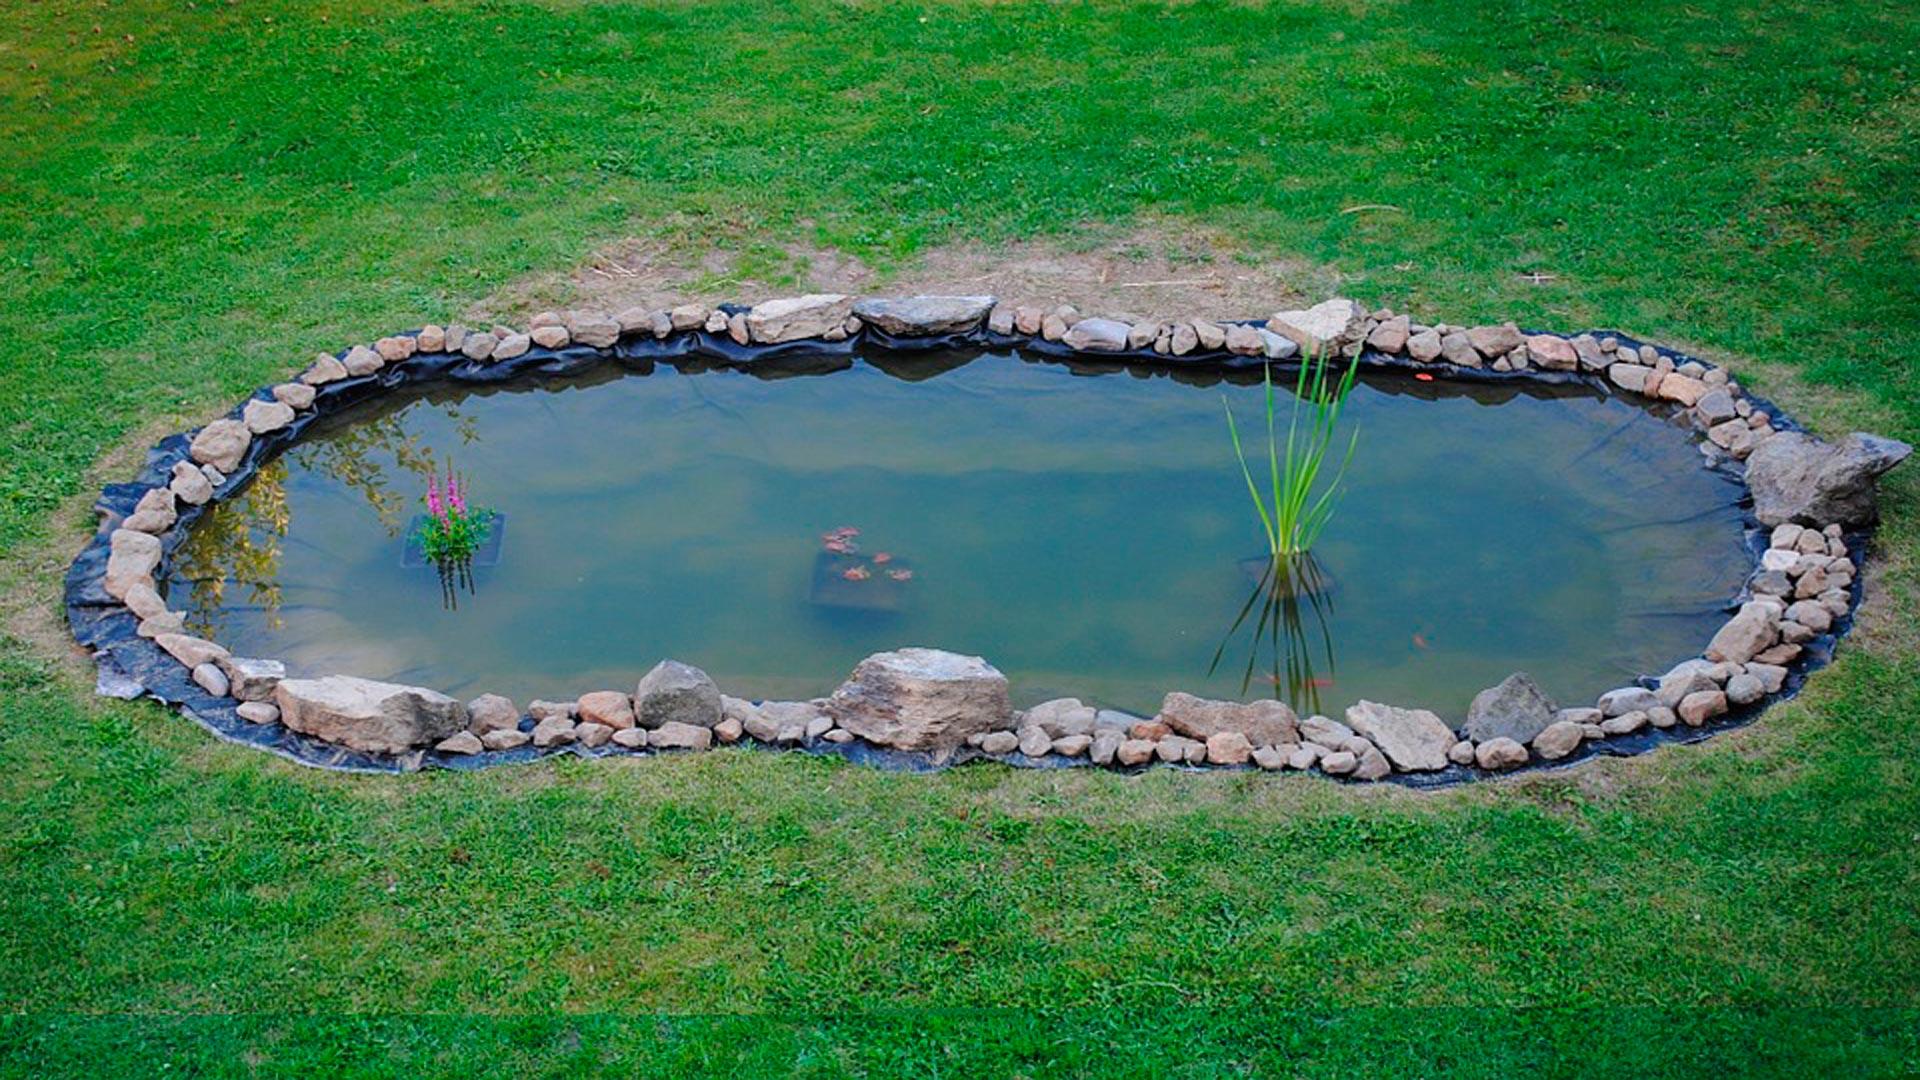 Tienes espacio construyamos un estanque en el jard n for El jardin de luz ibiza